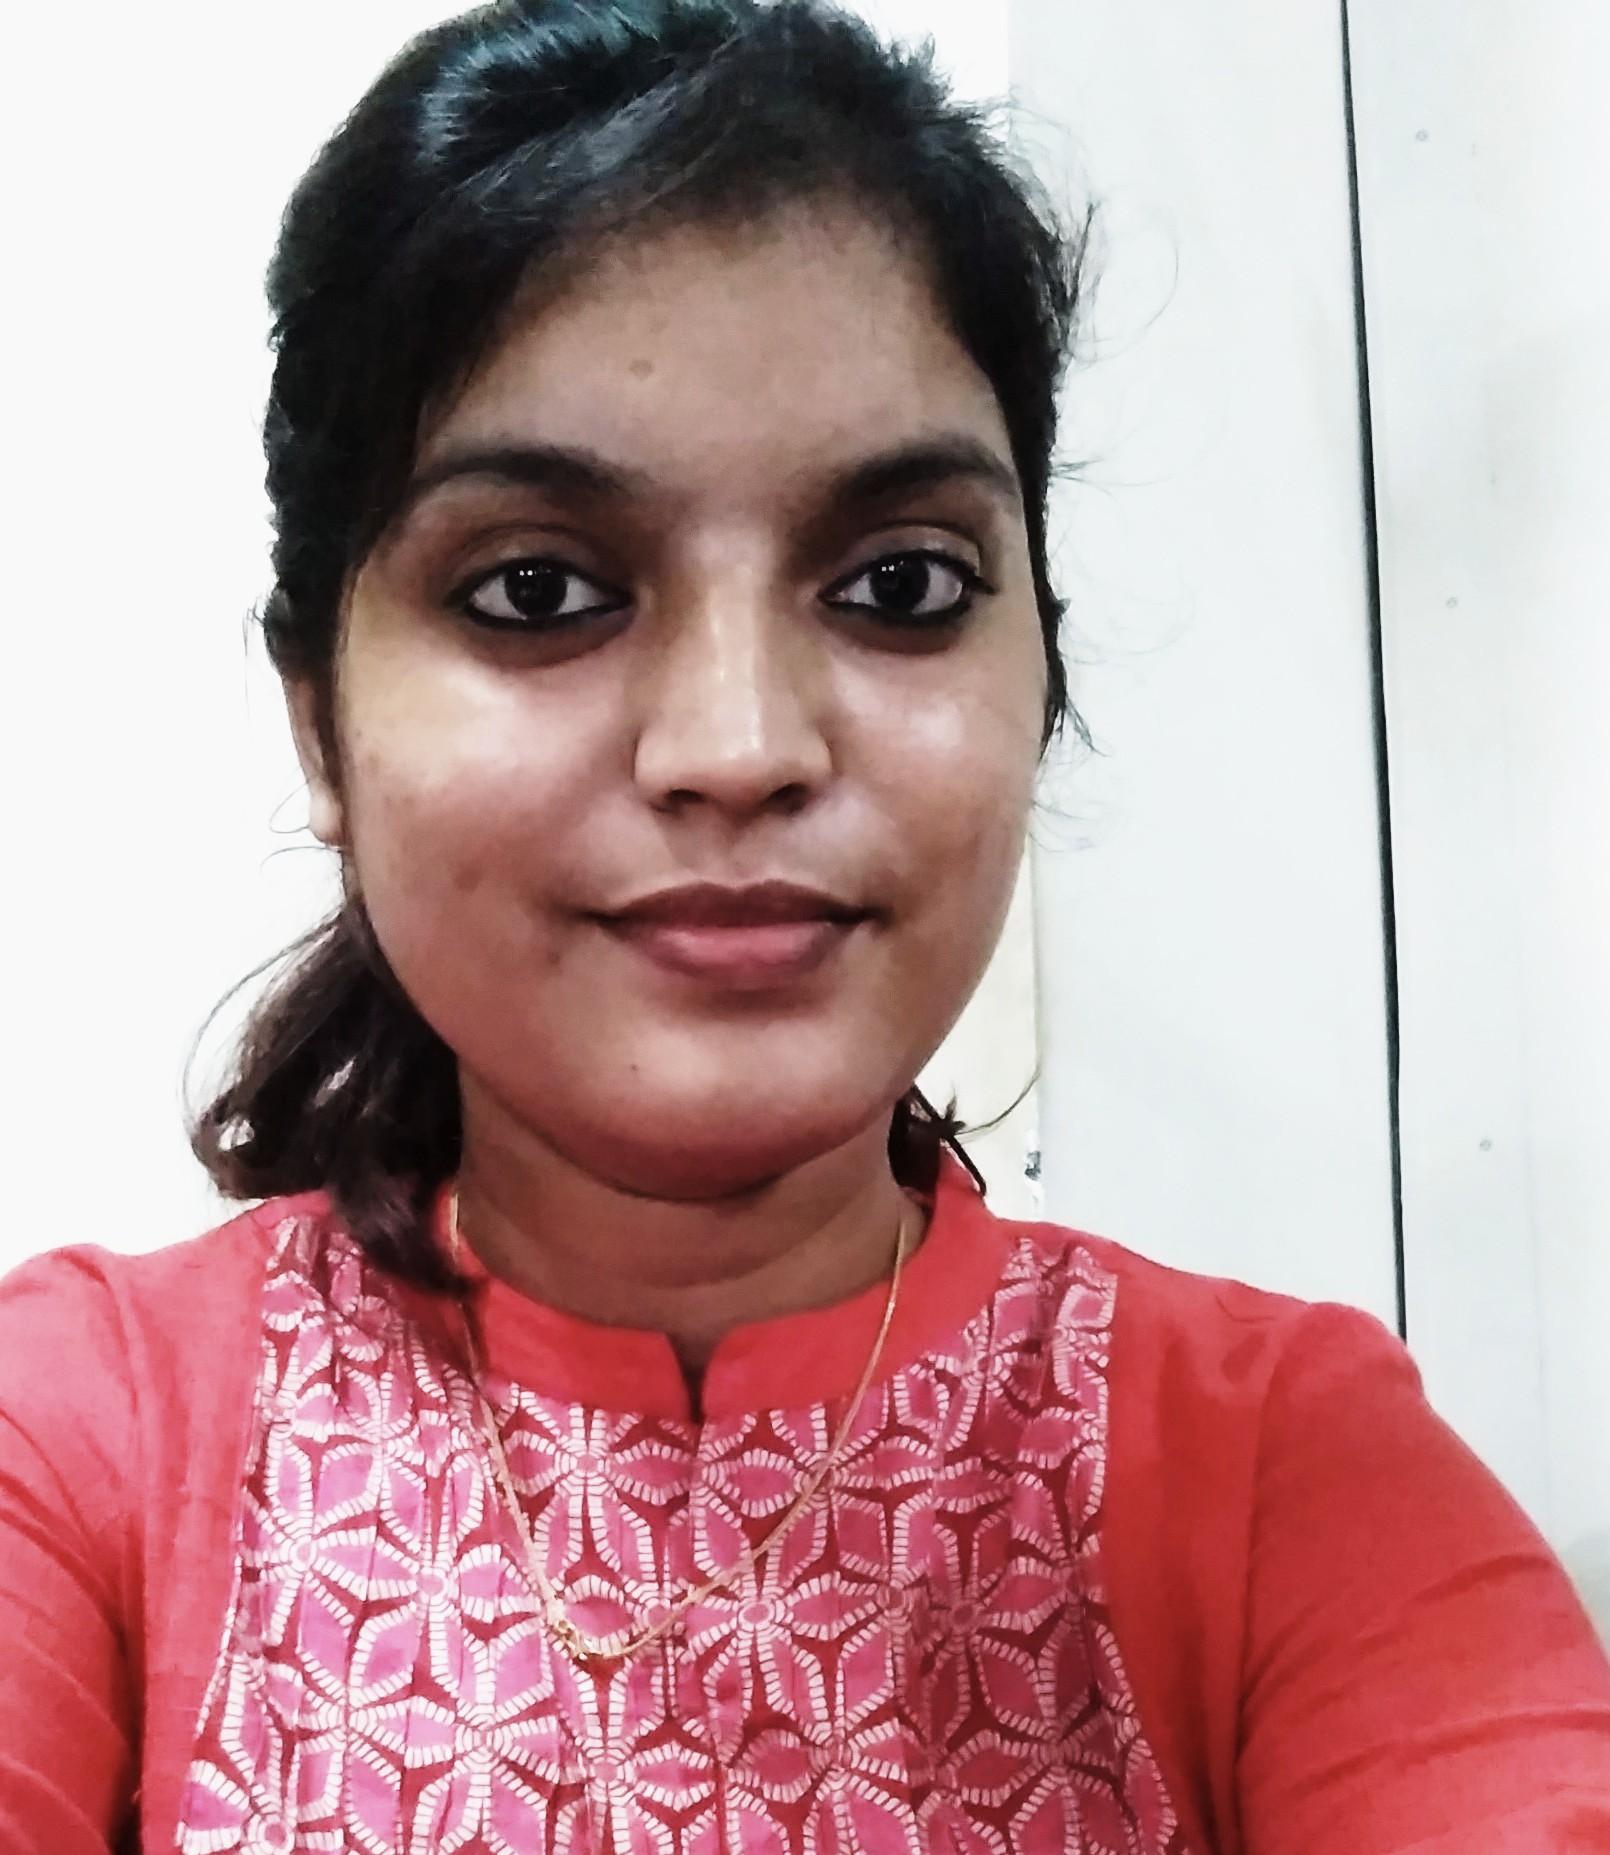 09-07-28-Parwani.jpg